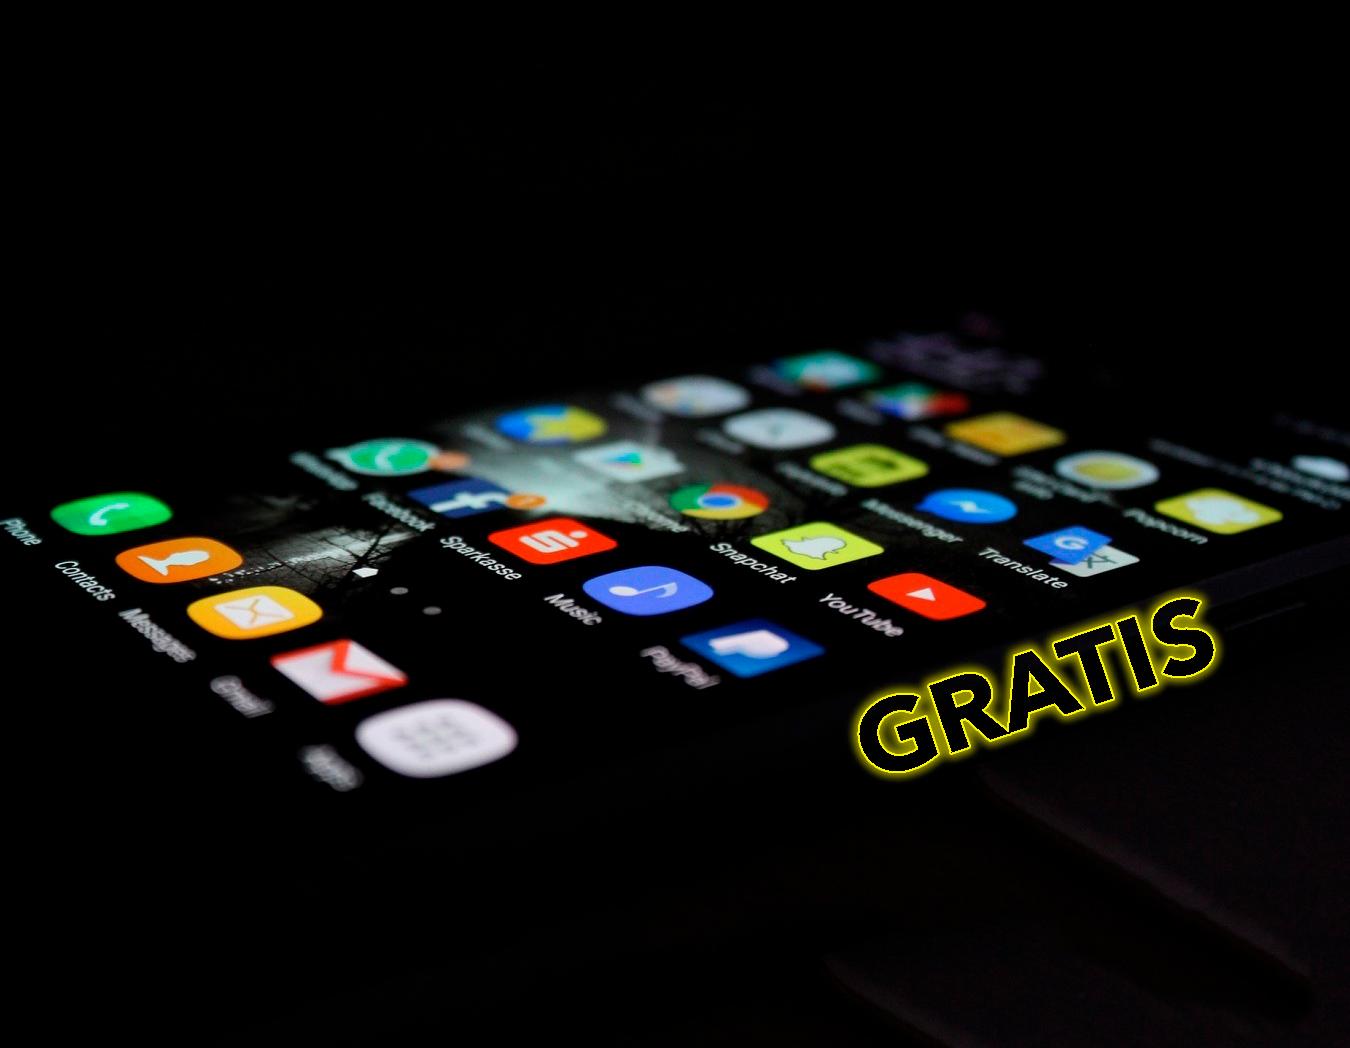 19 Aplicaciones Android TOP gratis por tiempo limitado